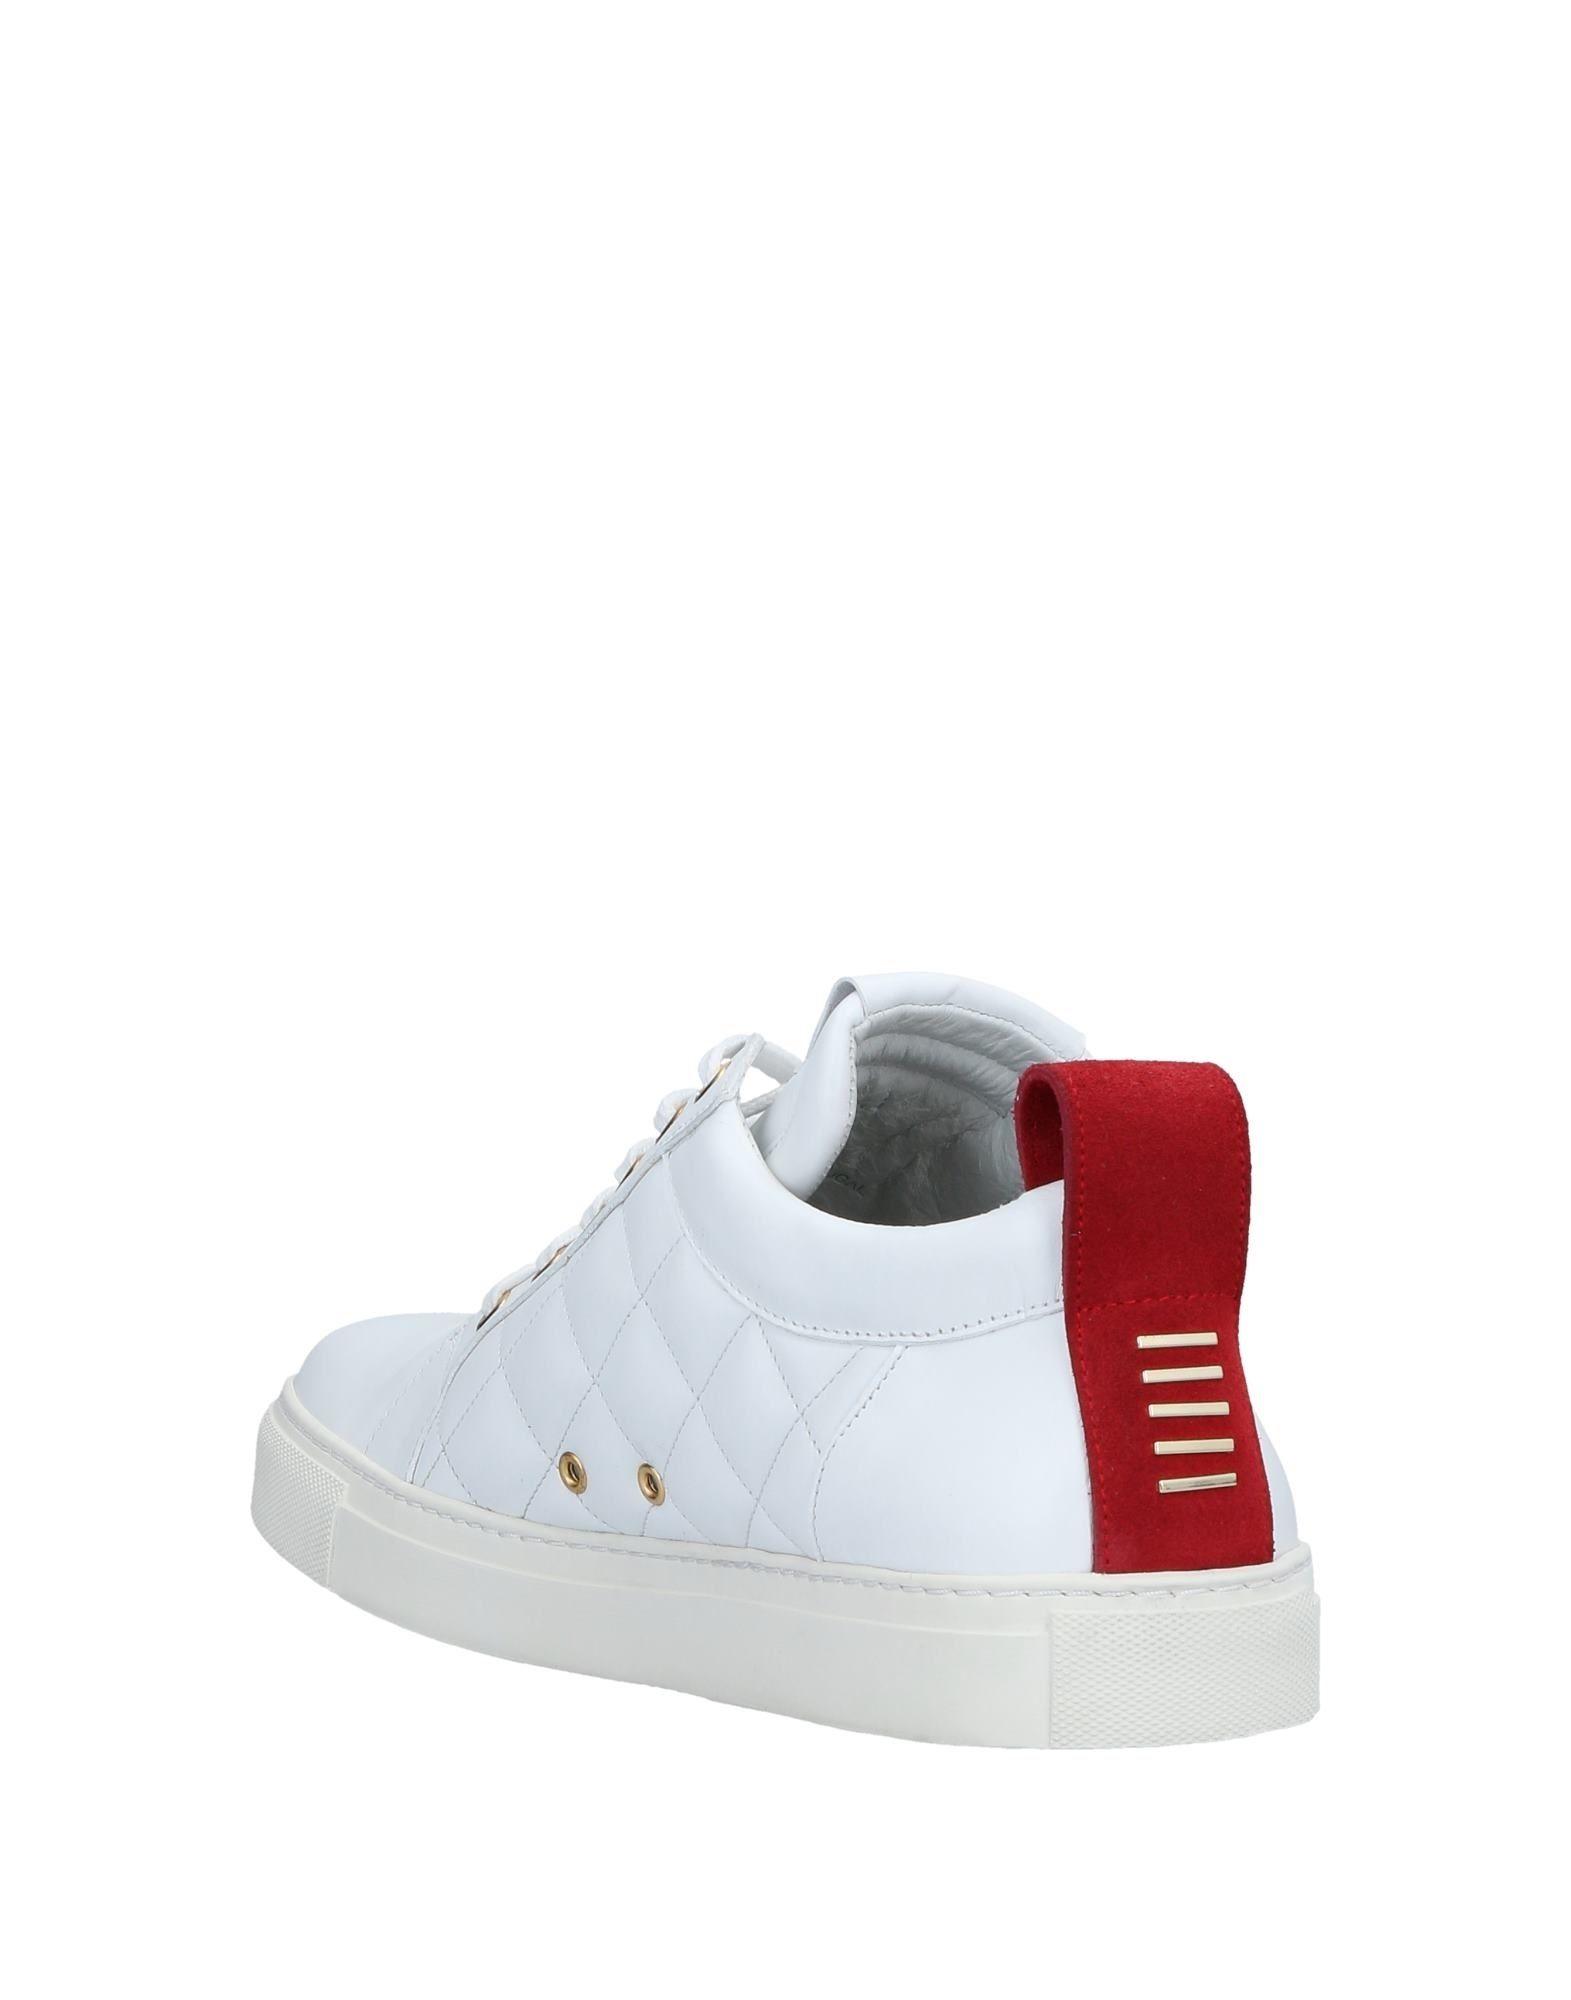 Balmain Sneakers Herren  11539658VD Gute Qualität Qualität Qualität beliebte Schuhe 43dcbe